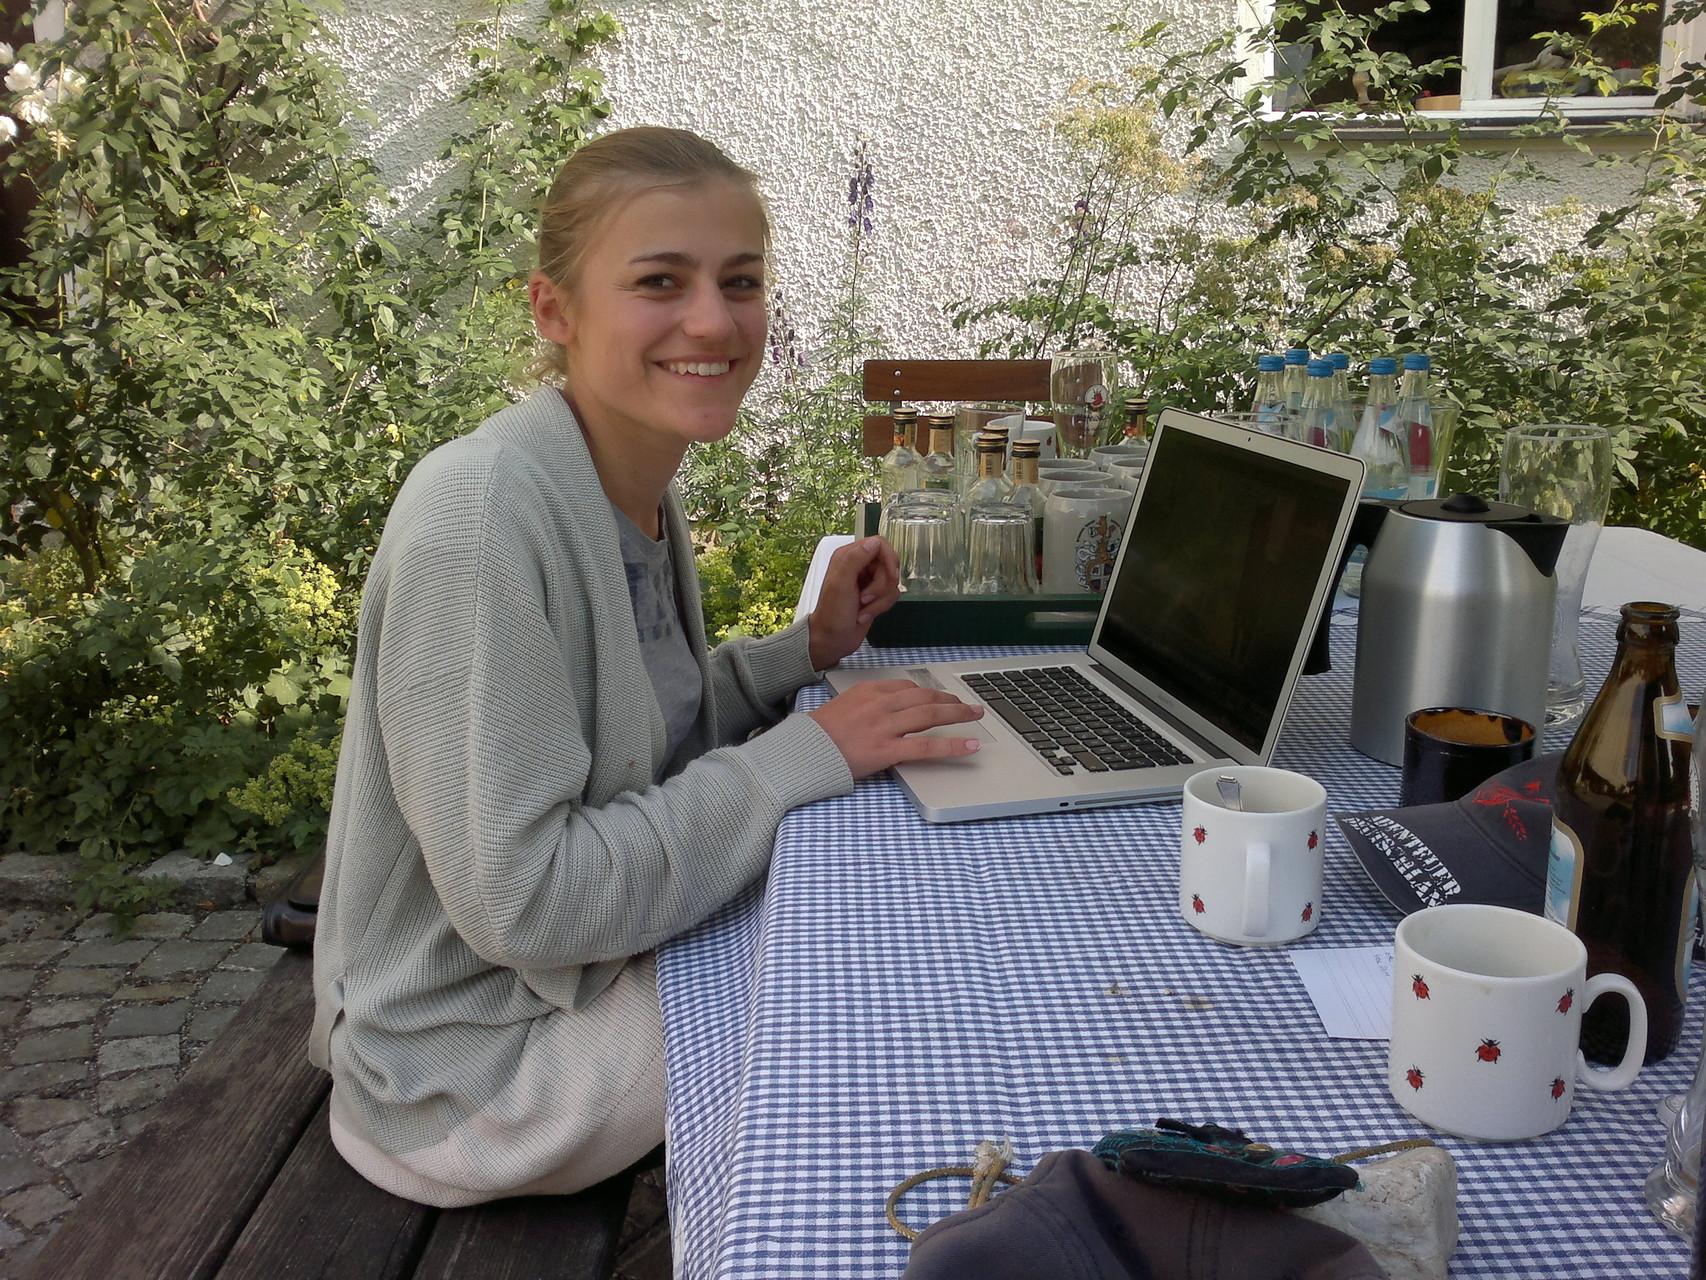 Hannah bei der Arbeit